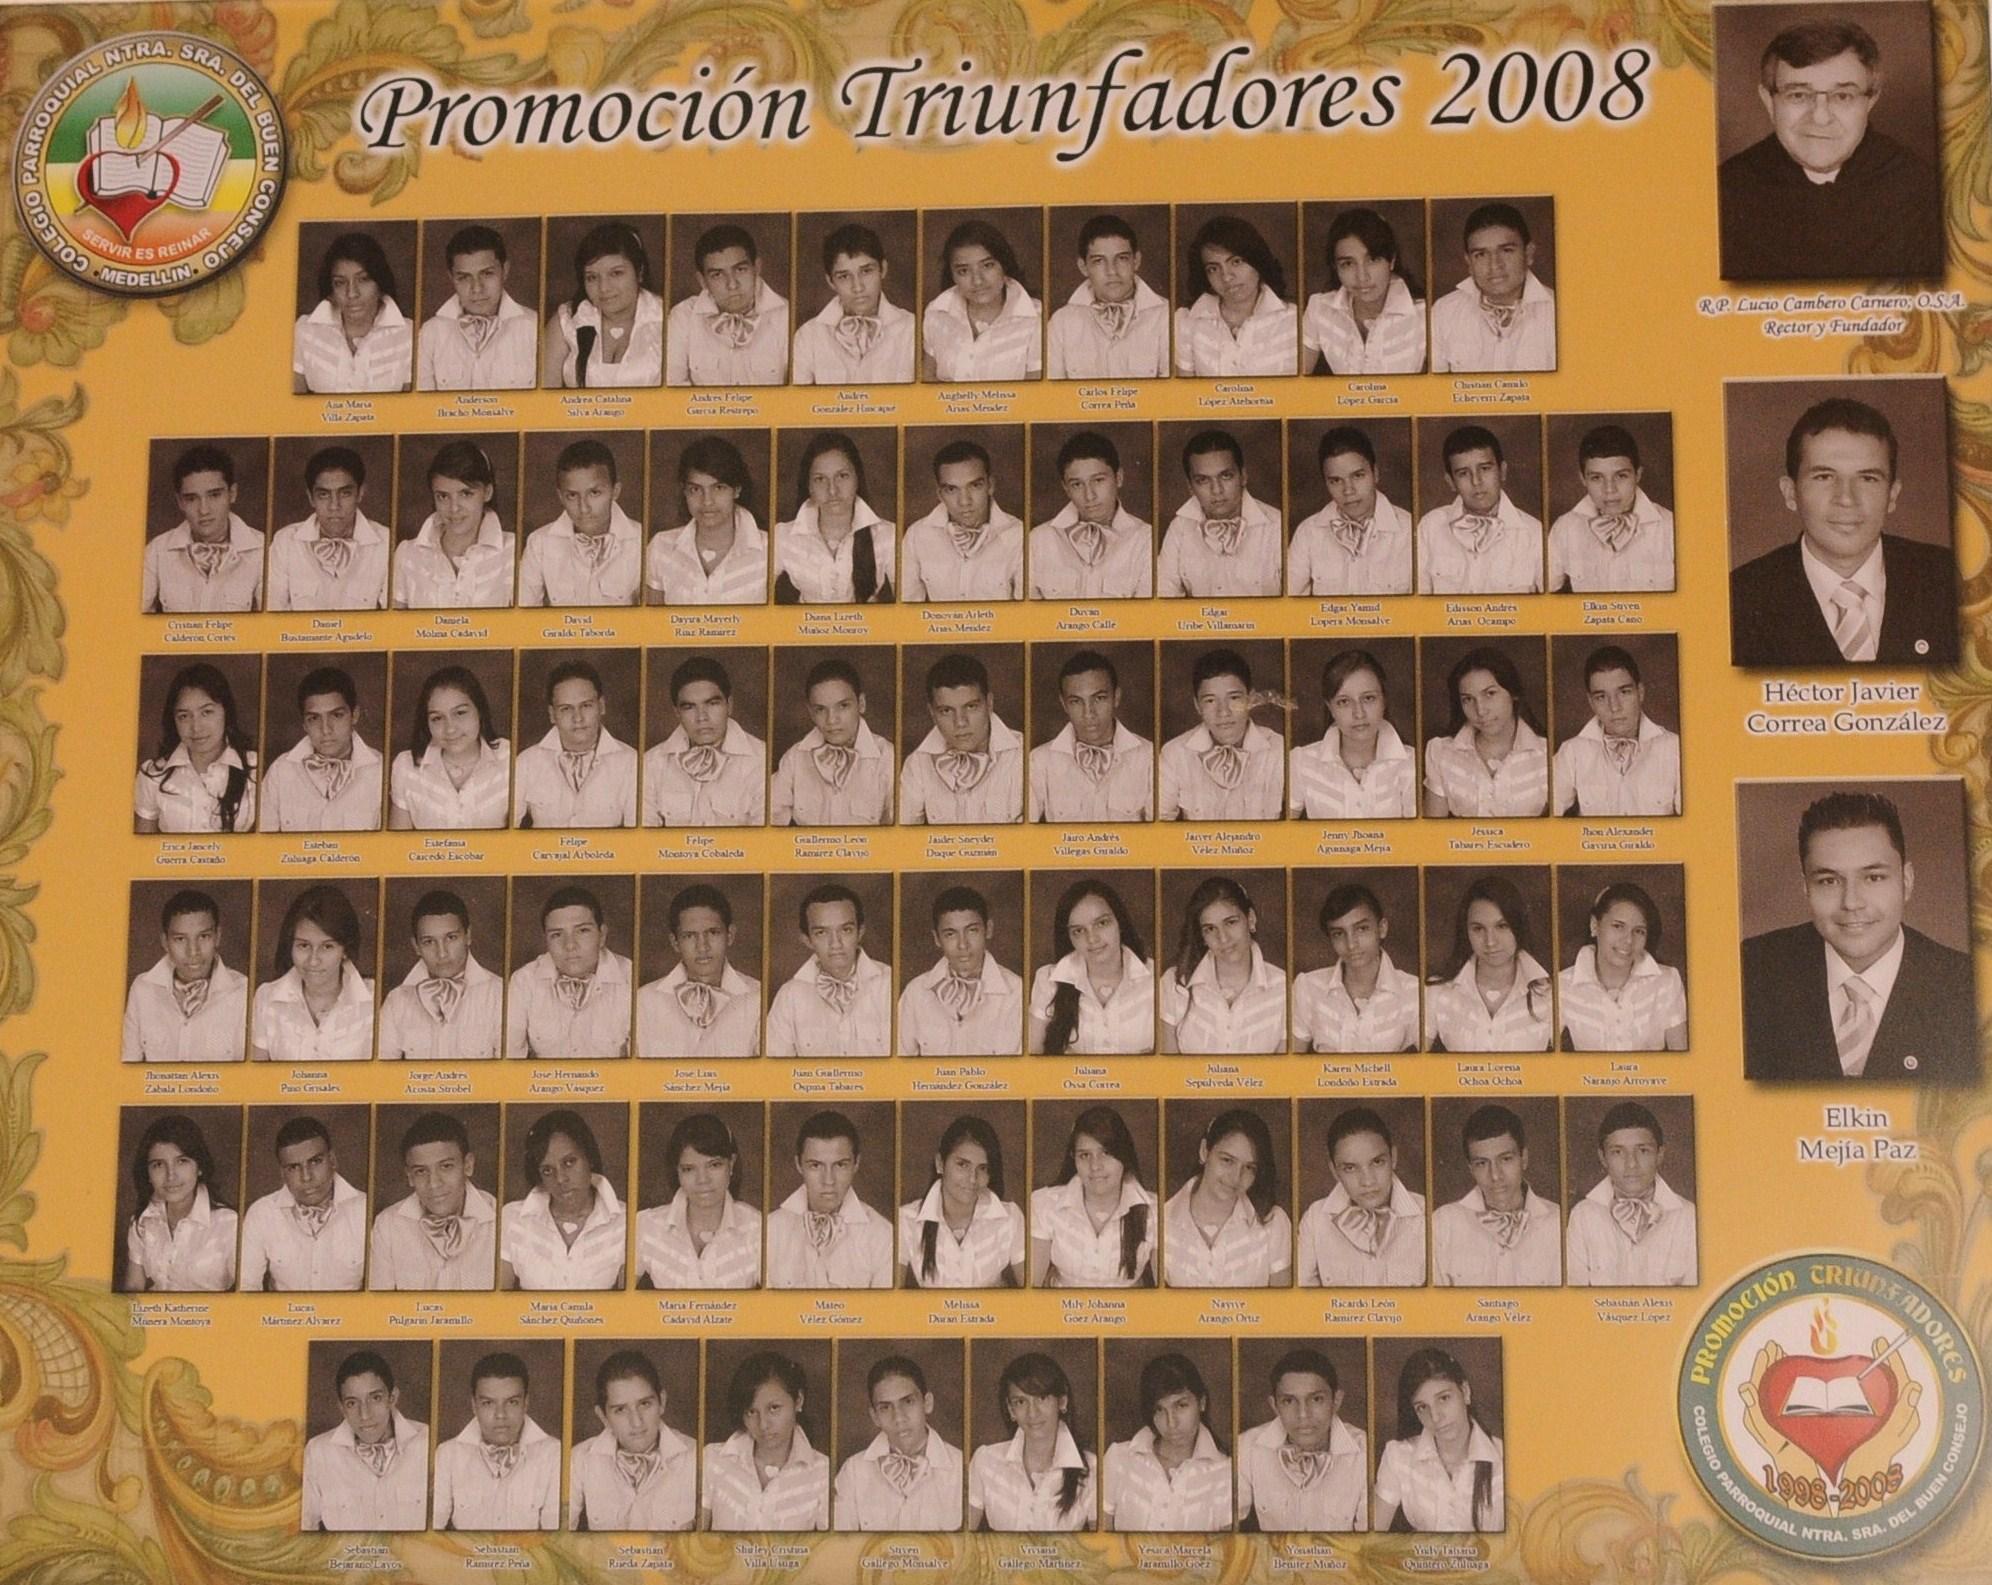 TRIUNFADORES 2008